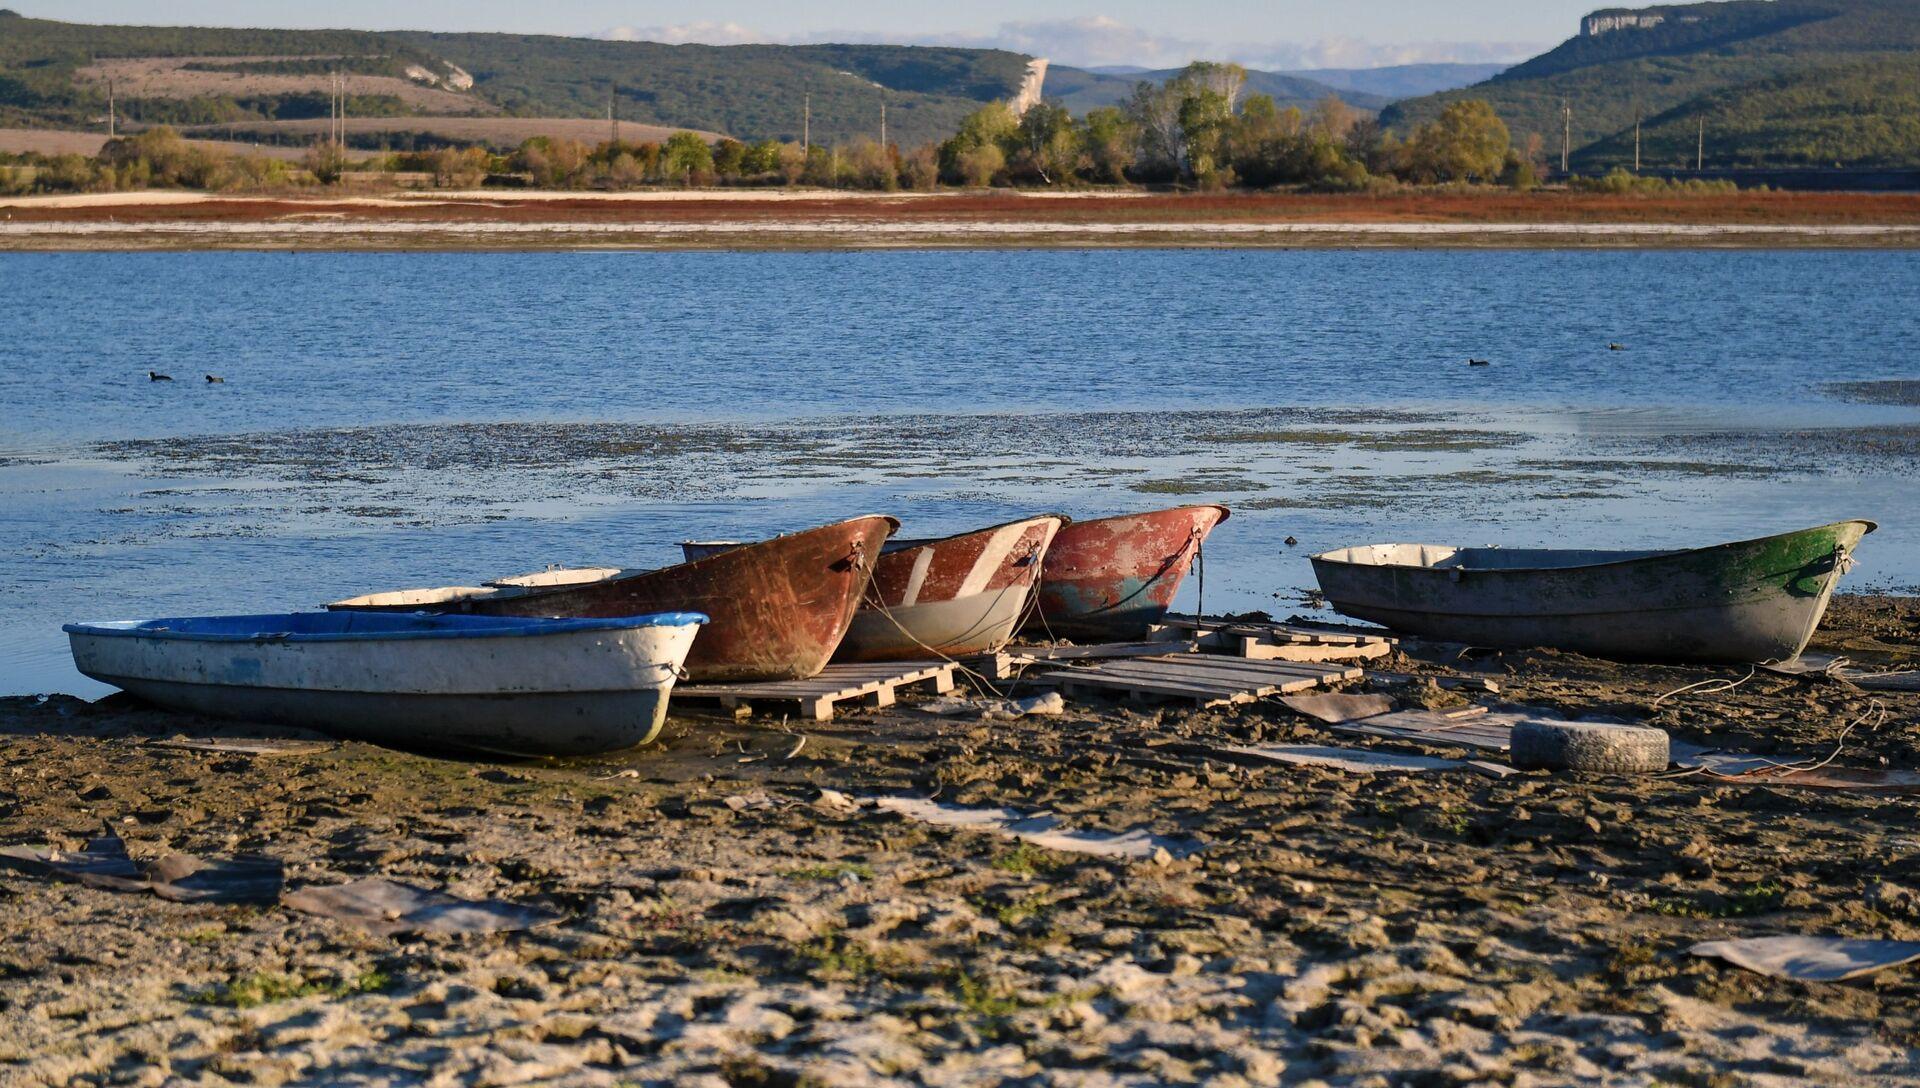 Лодки на берегу Бахчисарайского водохранилища - РИА Новости, 1920, 01.12.2020